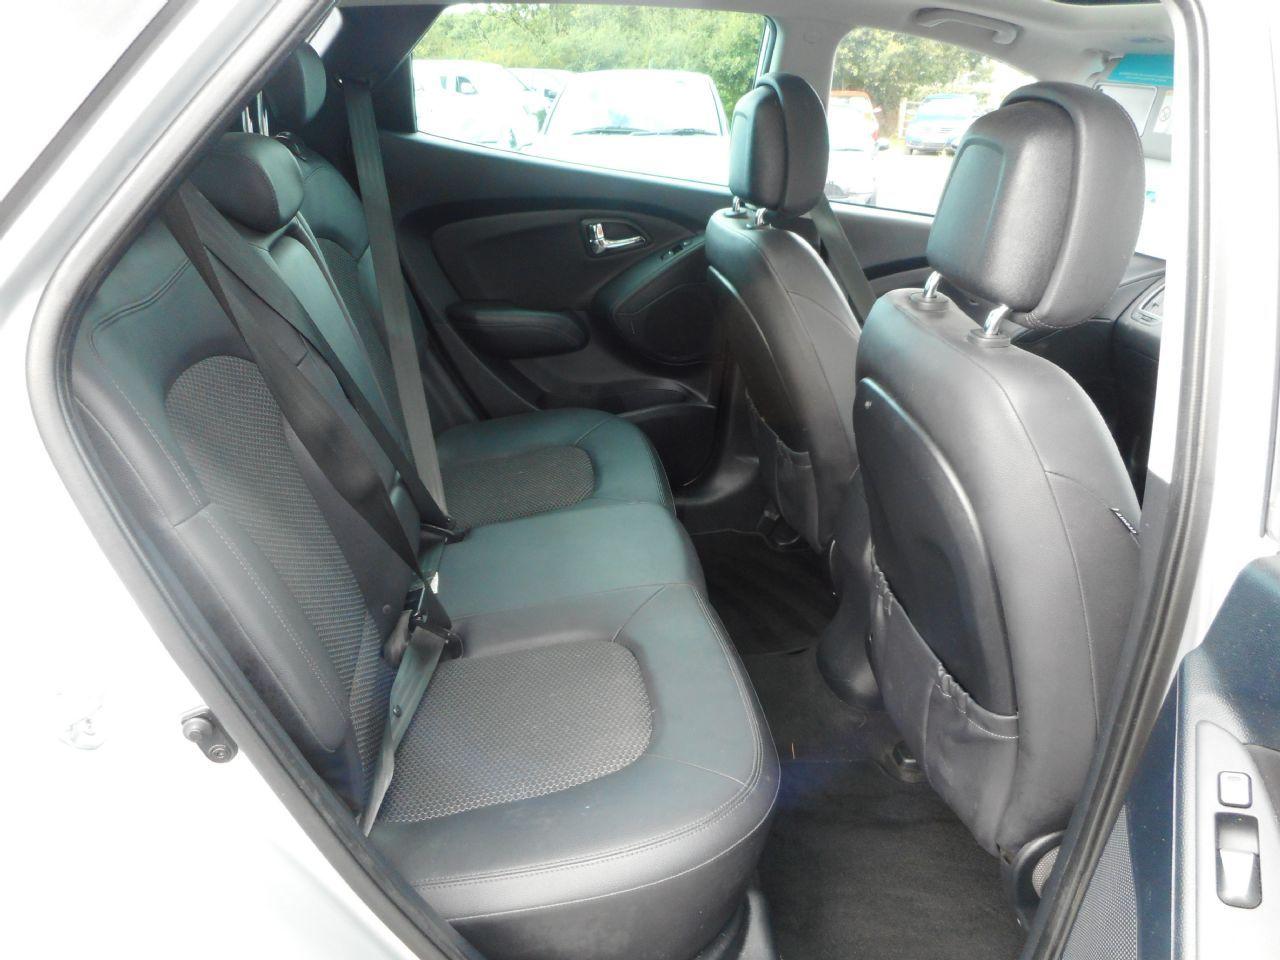 HYUNDAI IX35 2.0 CRDi 4WD Premium Auto (2011) - Picture 7